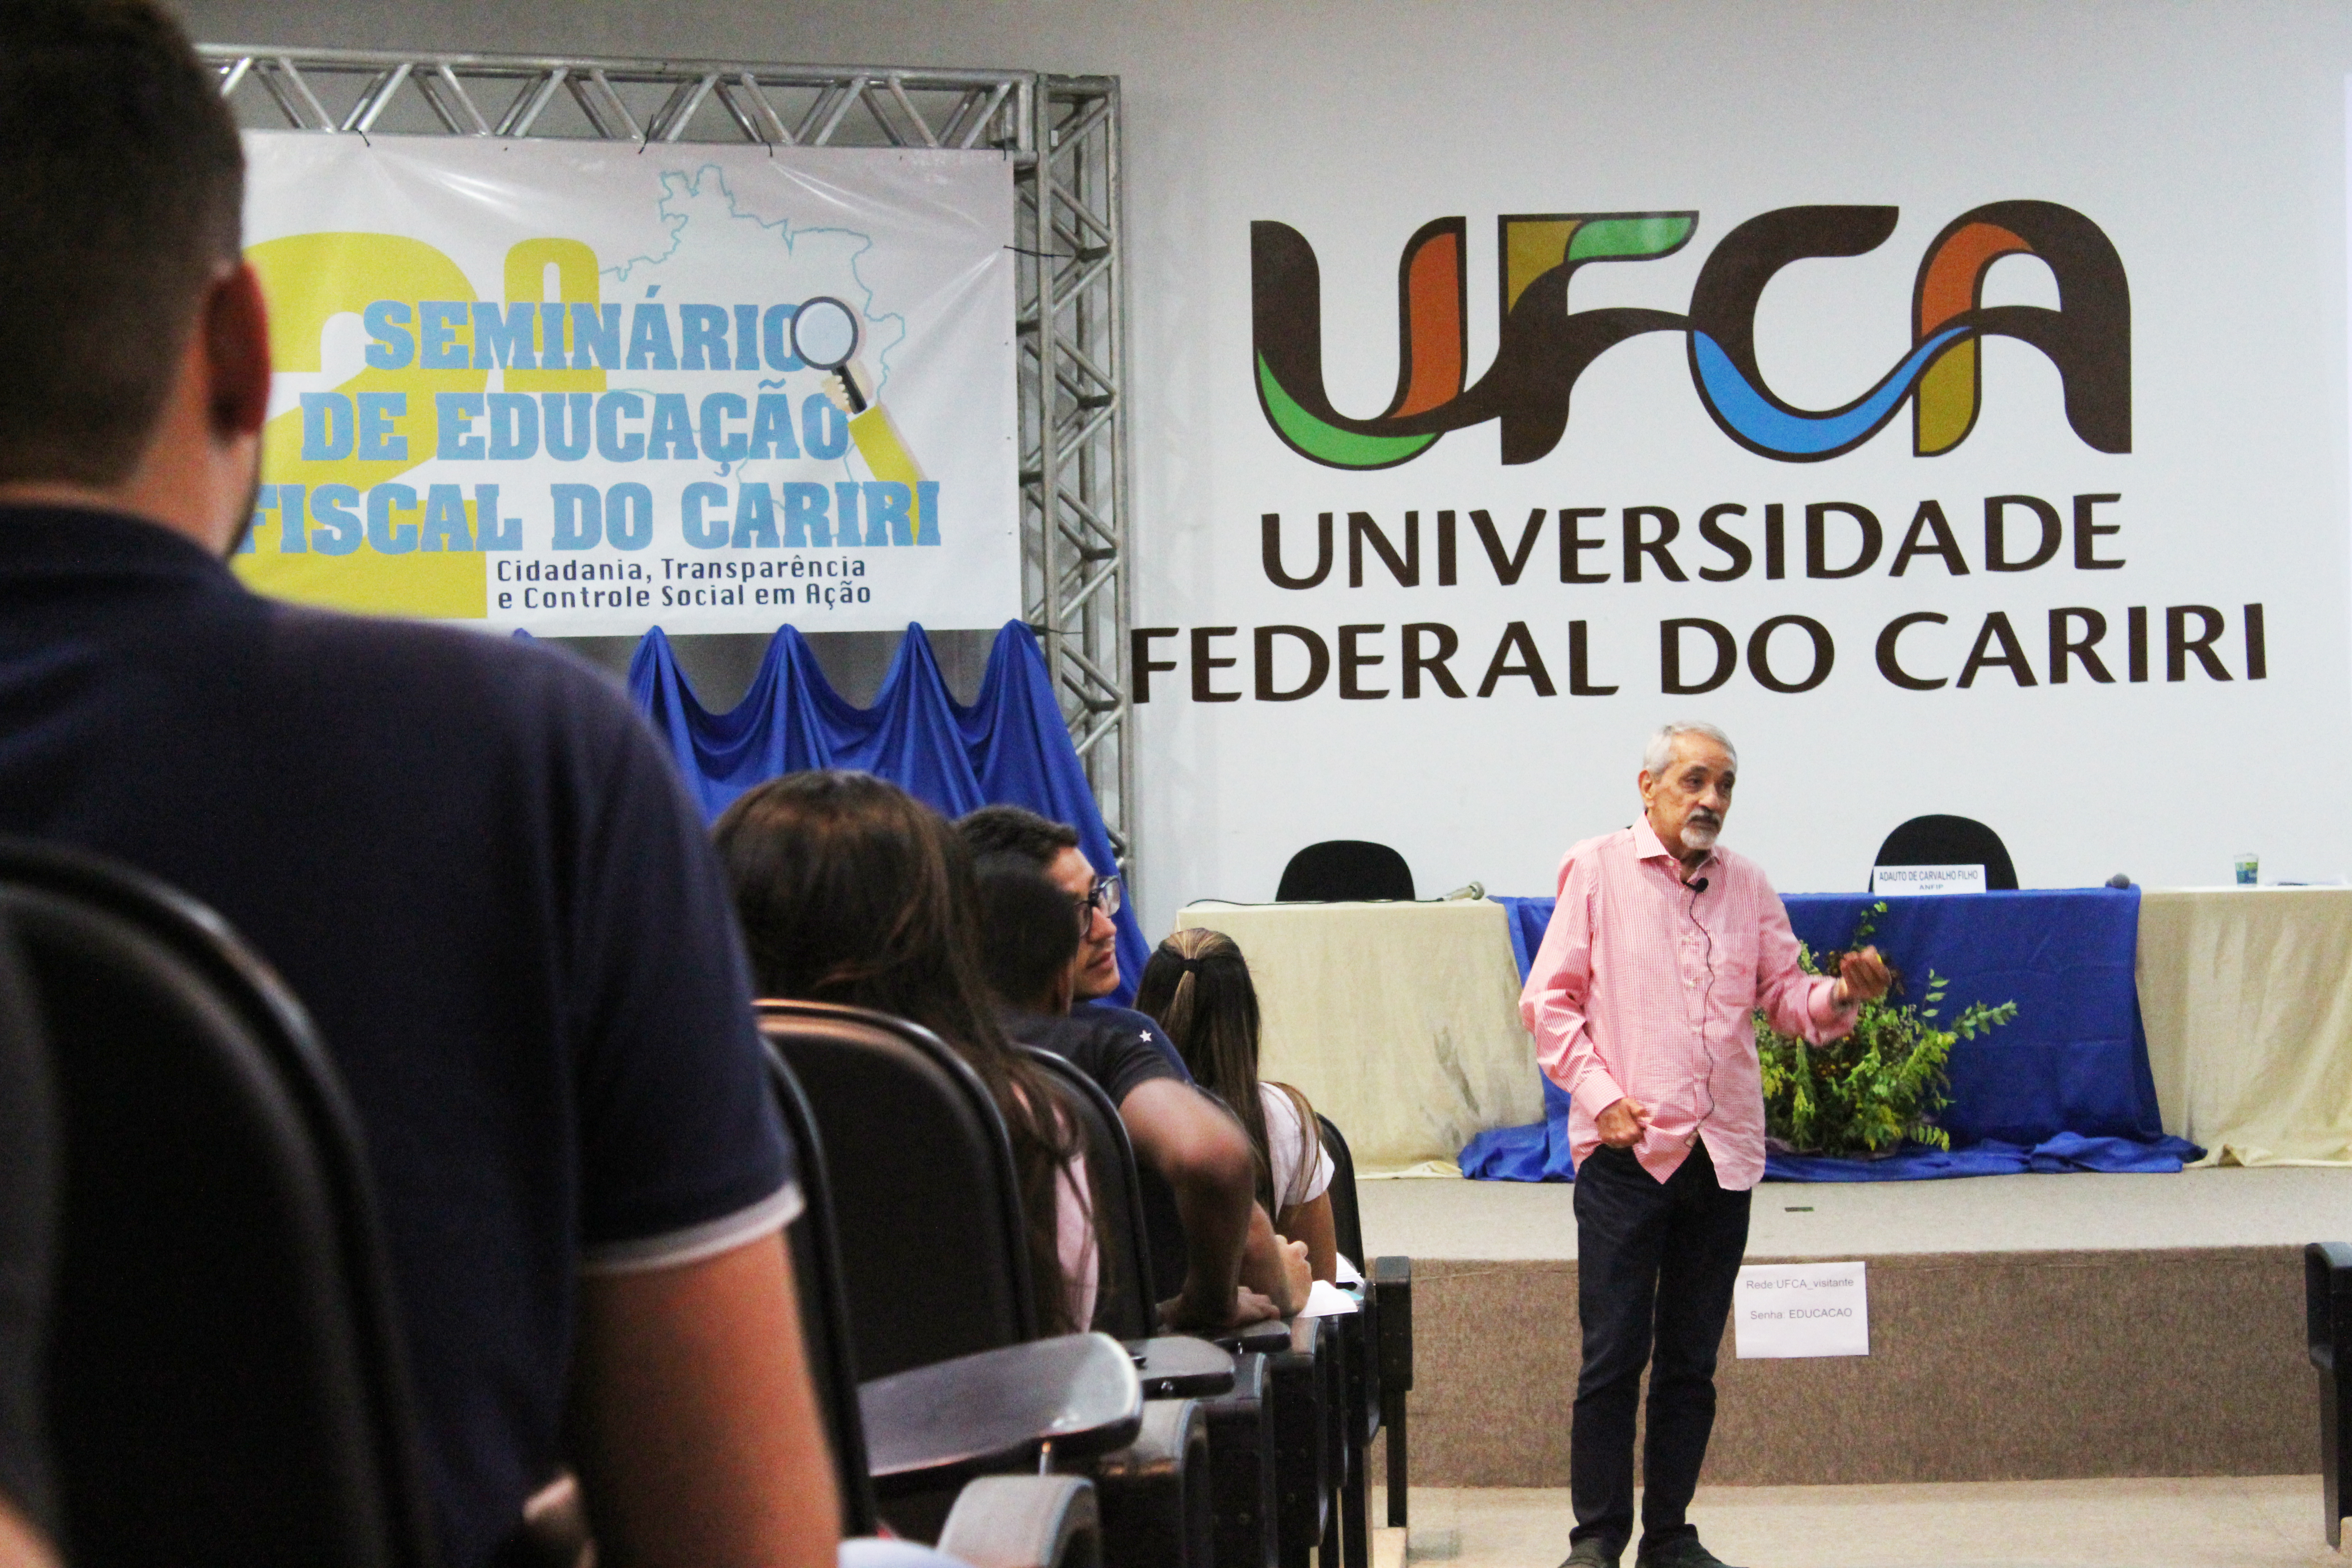 Seminário de educação fiscal do Cariri